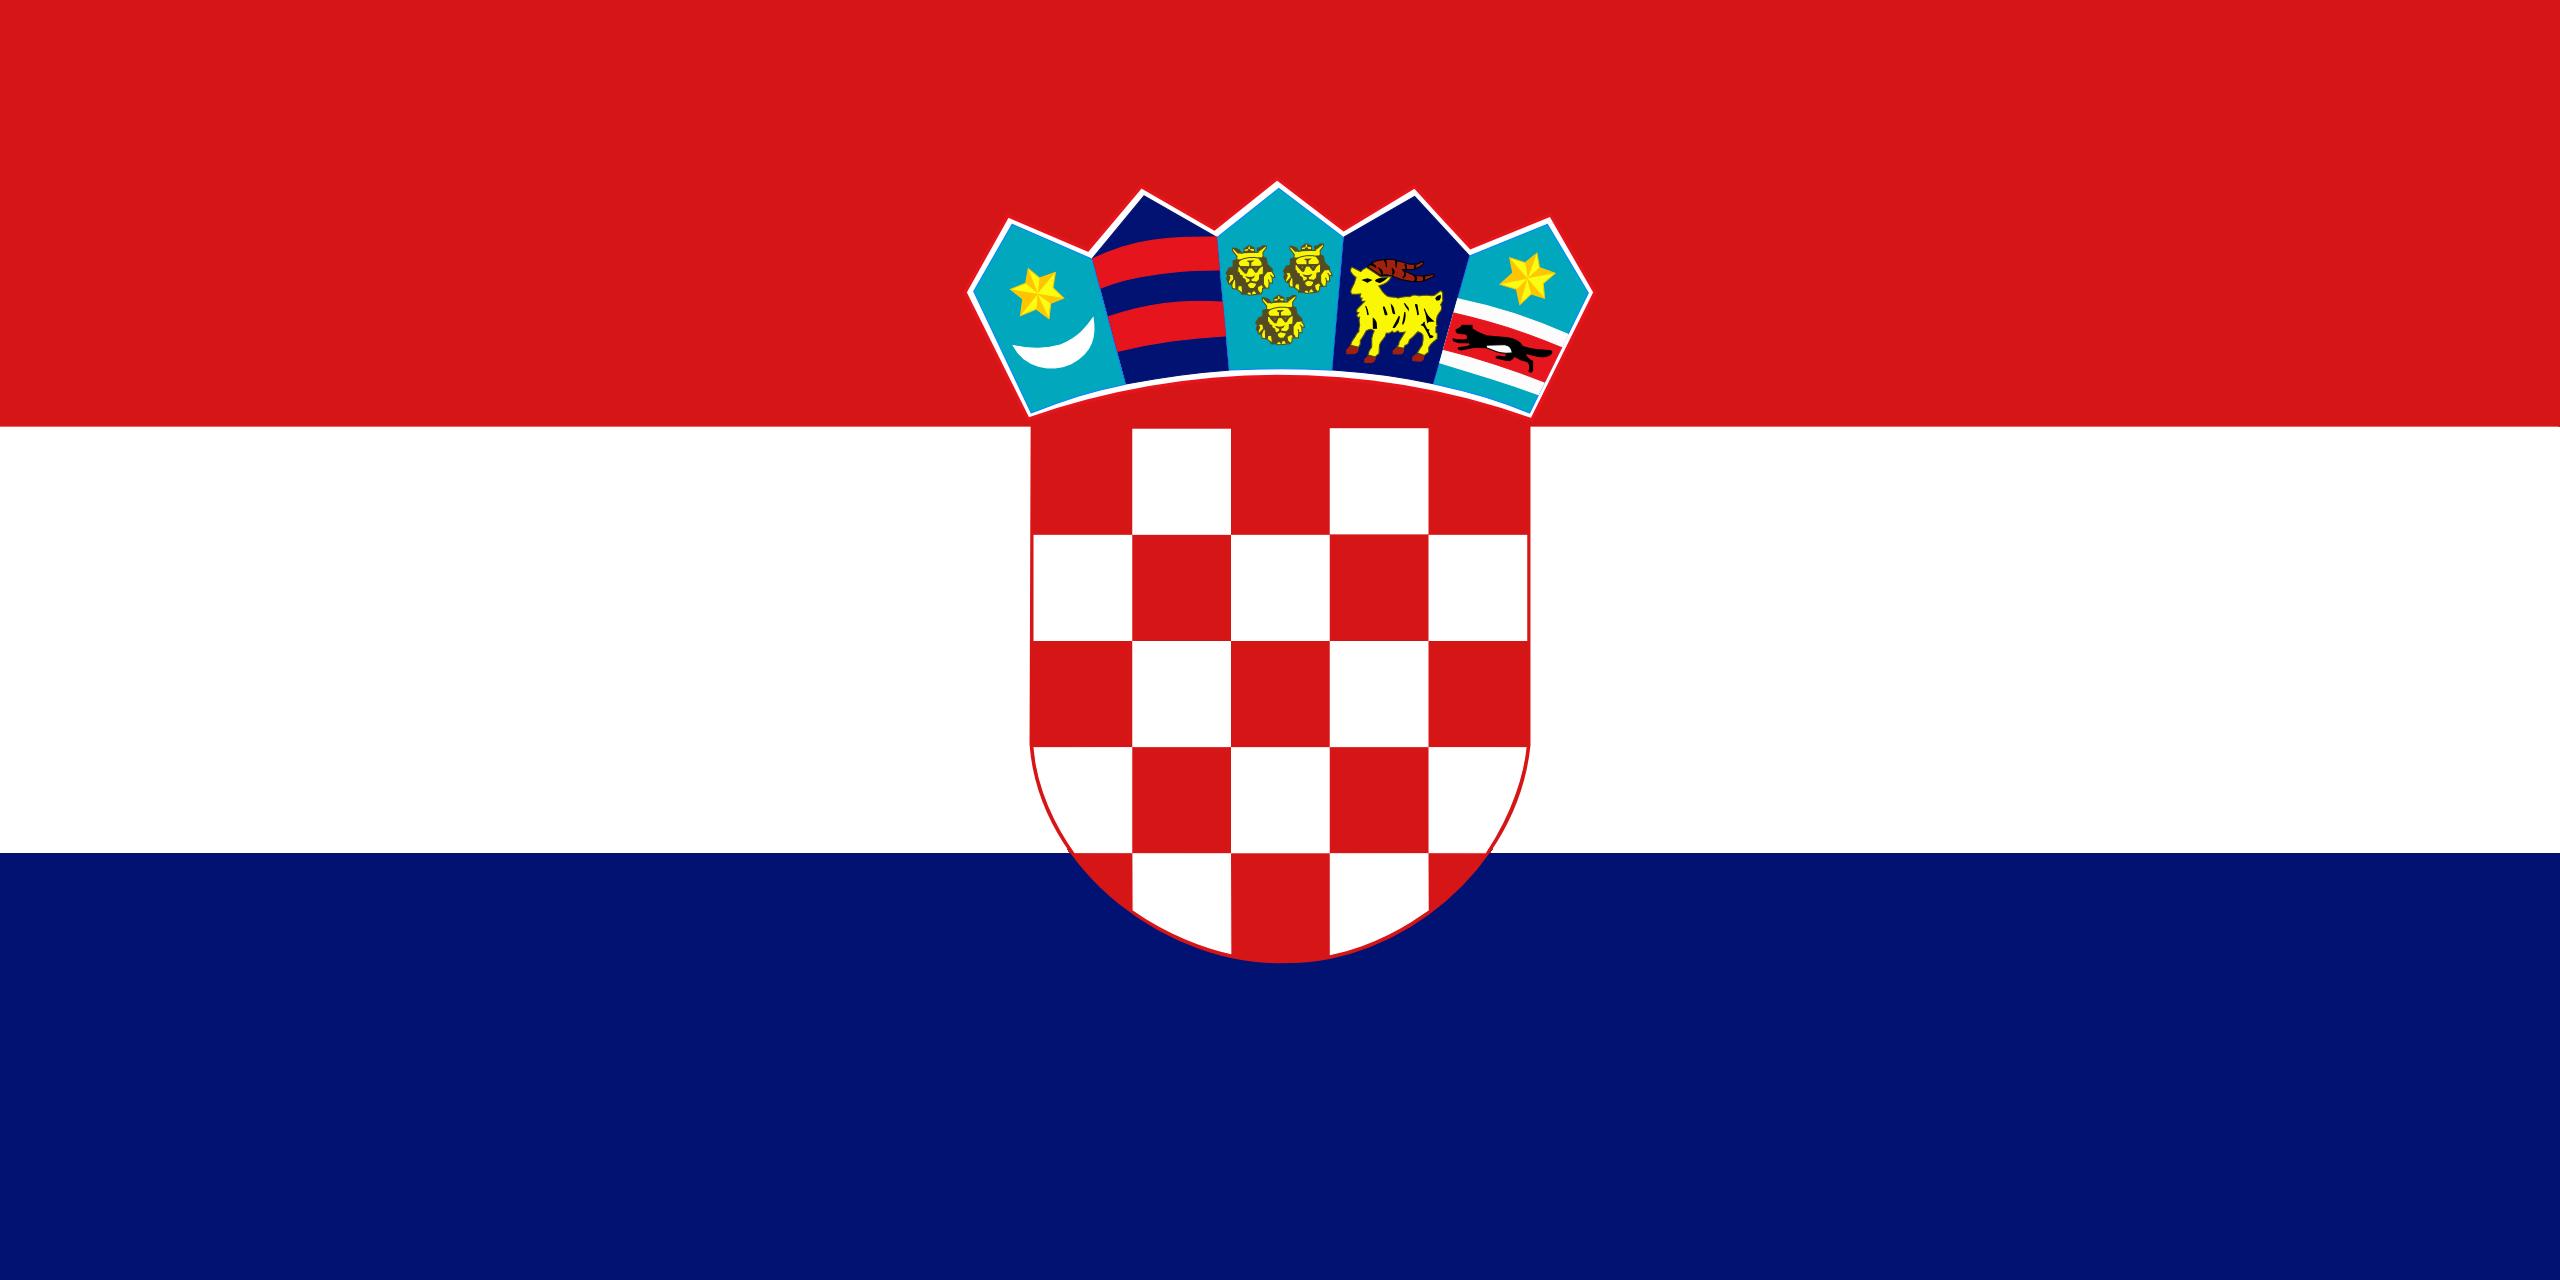 Κροατία, χώρα, έμβλημα, λογότυπο, σύμβολο - Wallpapers HD - Professor-falken.com